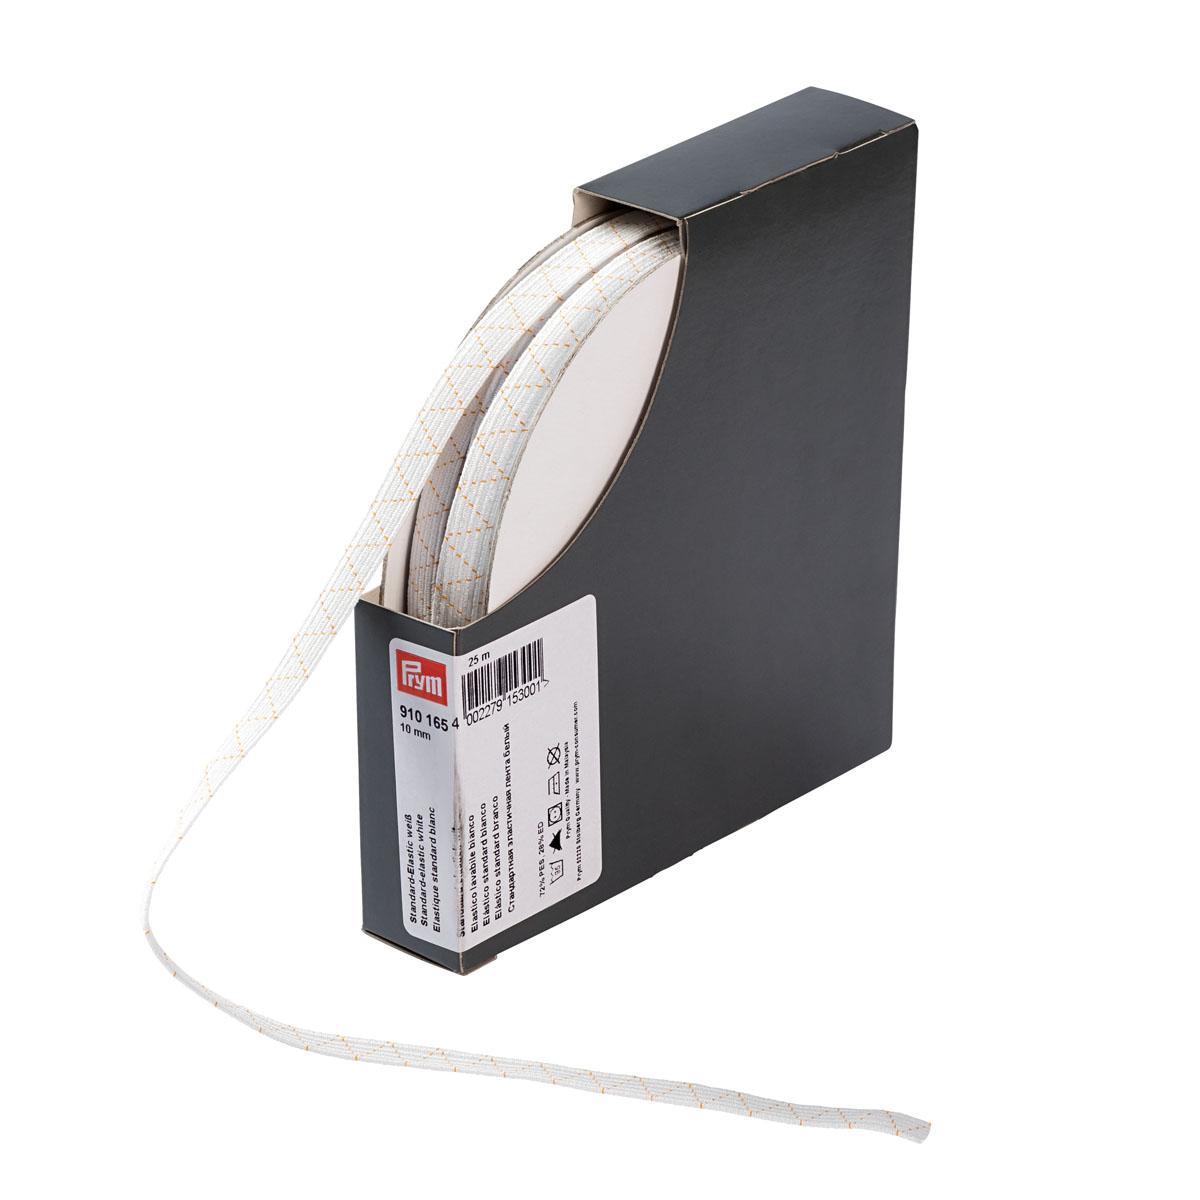 910165 Стандартная эластичная лента плетеная 10 мм белый цв. Prym